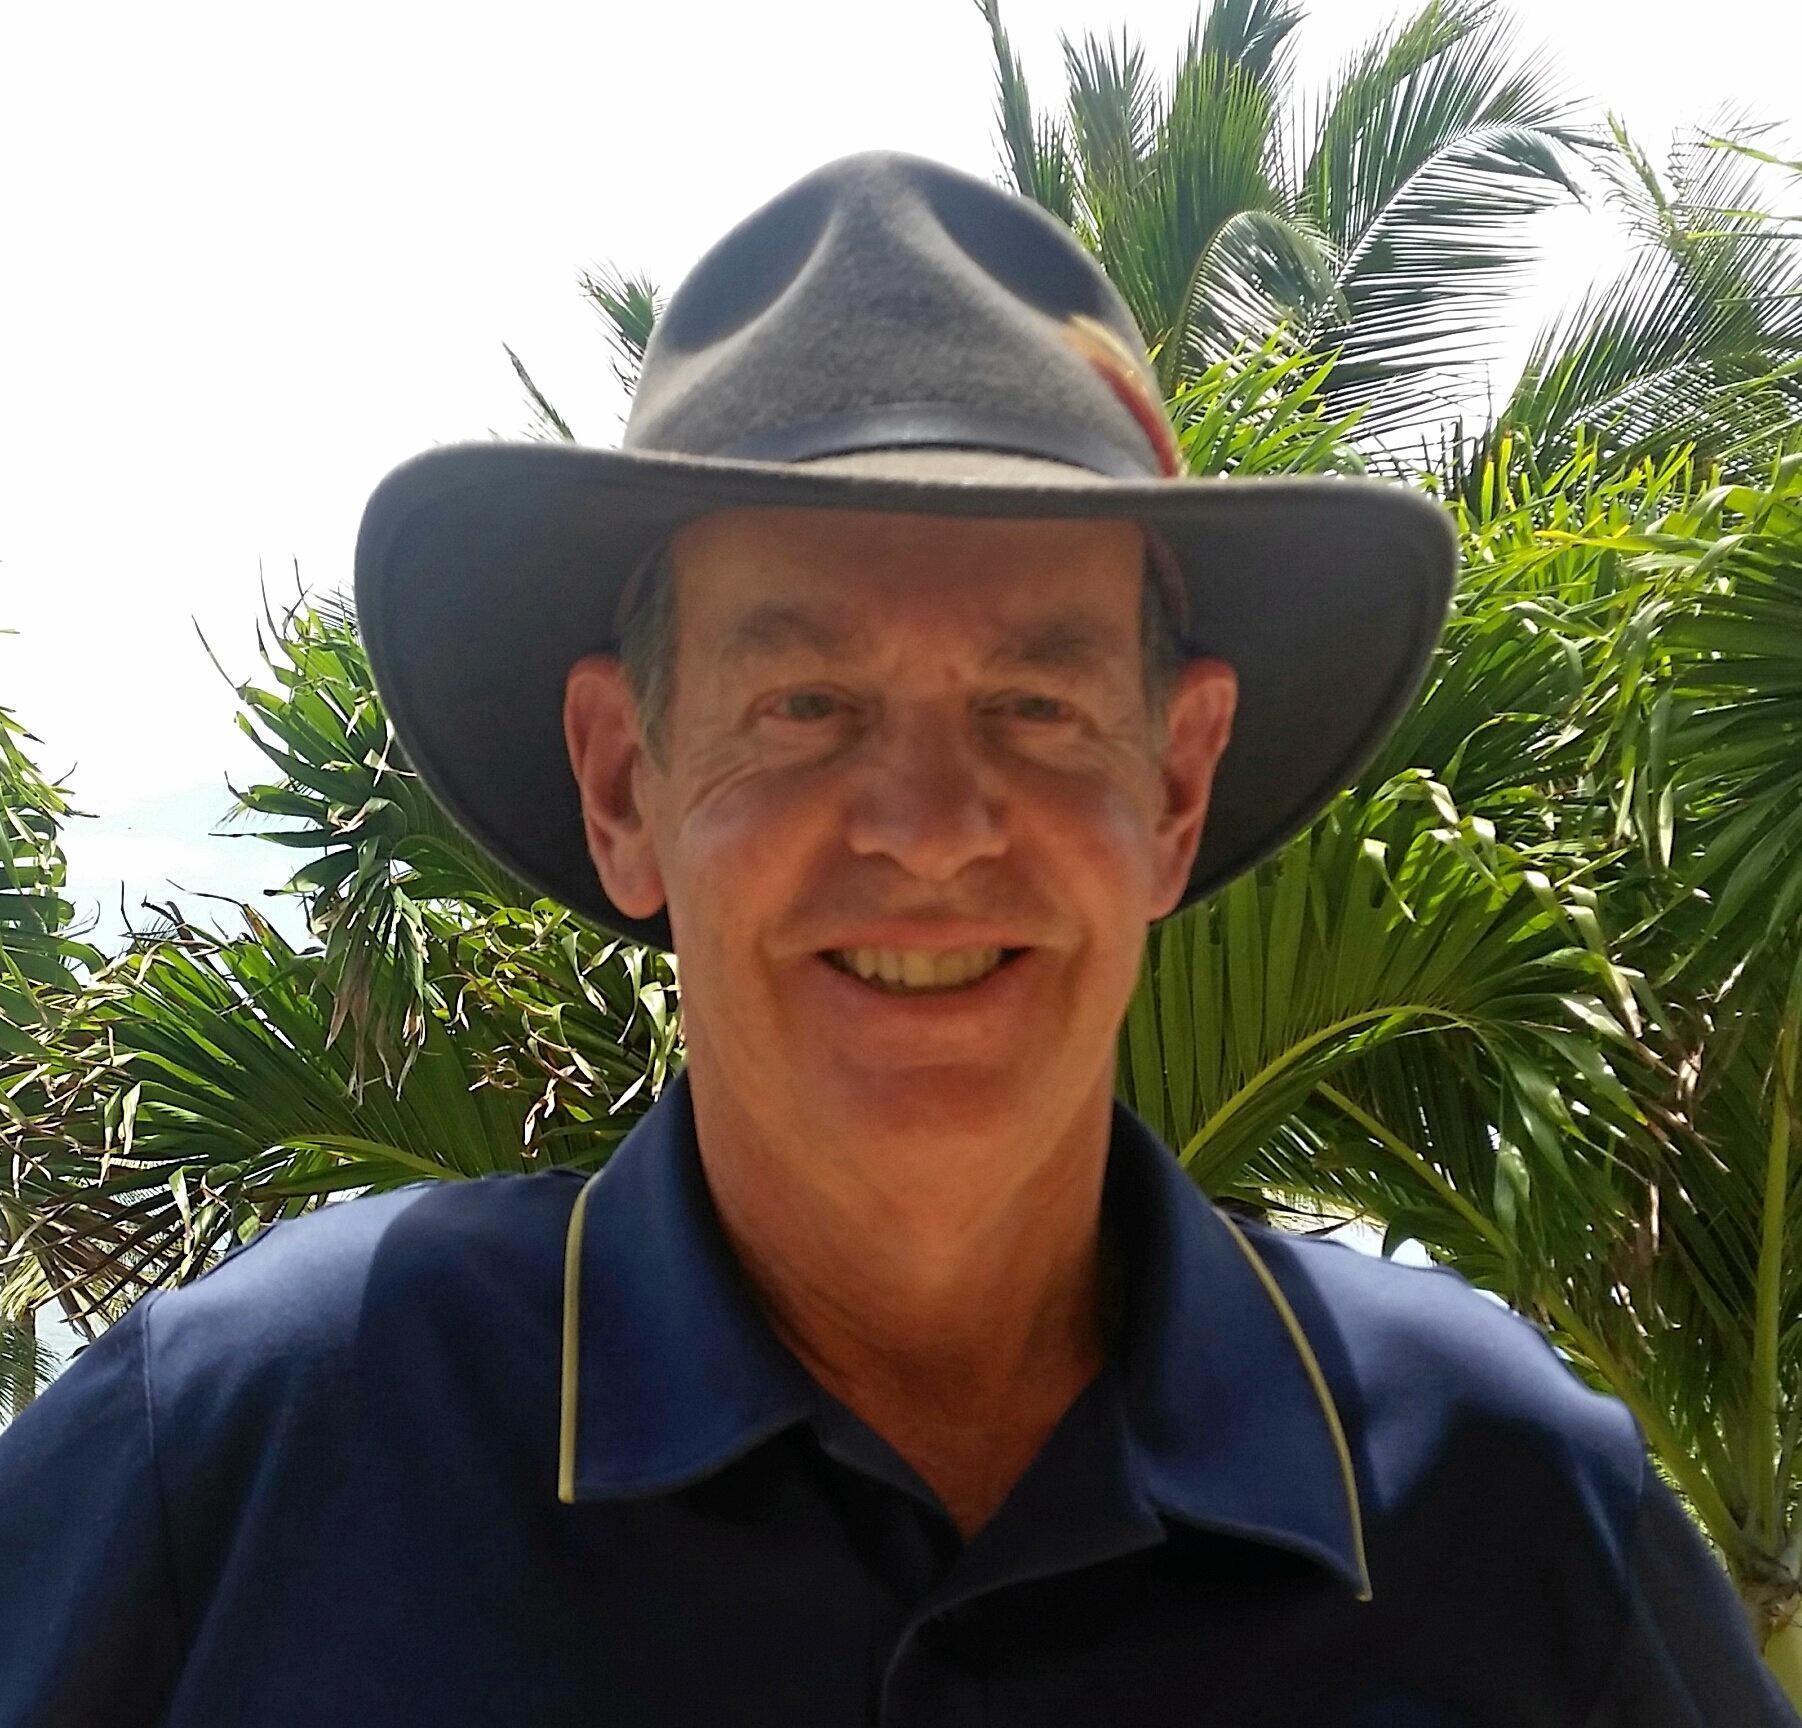 Bowen Collinsville Enterprise (BCE) chairman Paul McLaughlin.